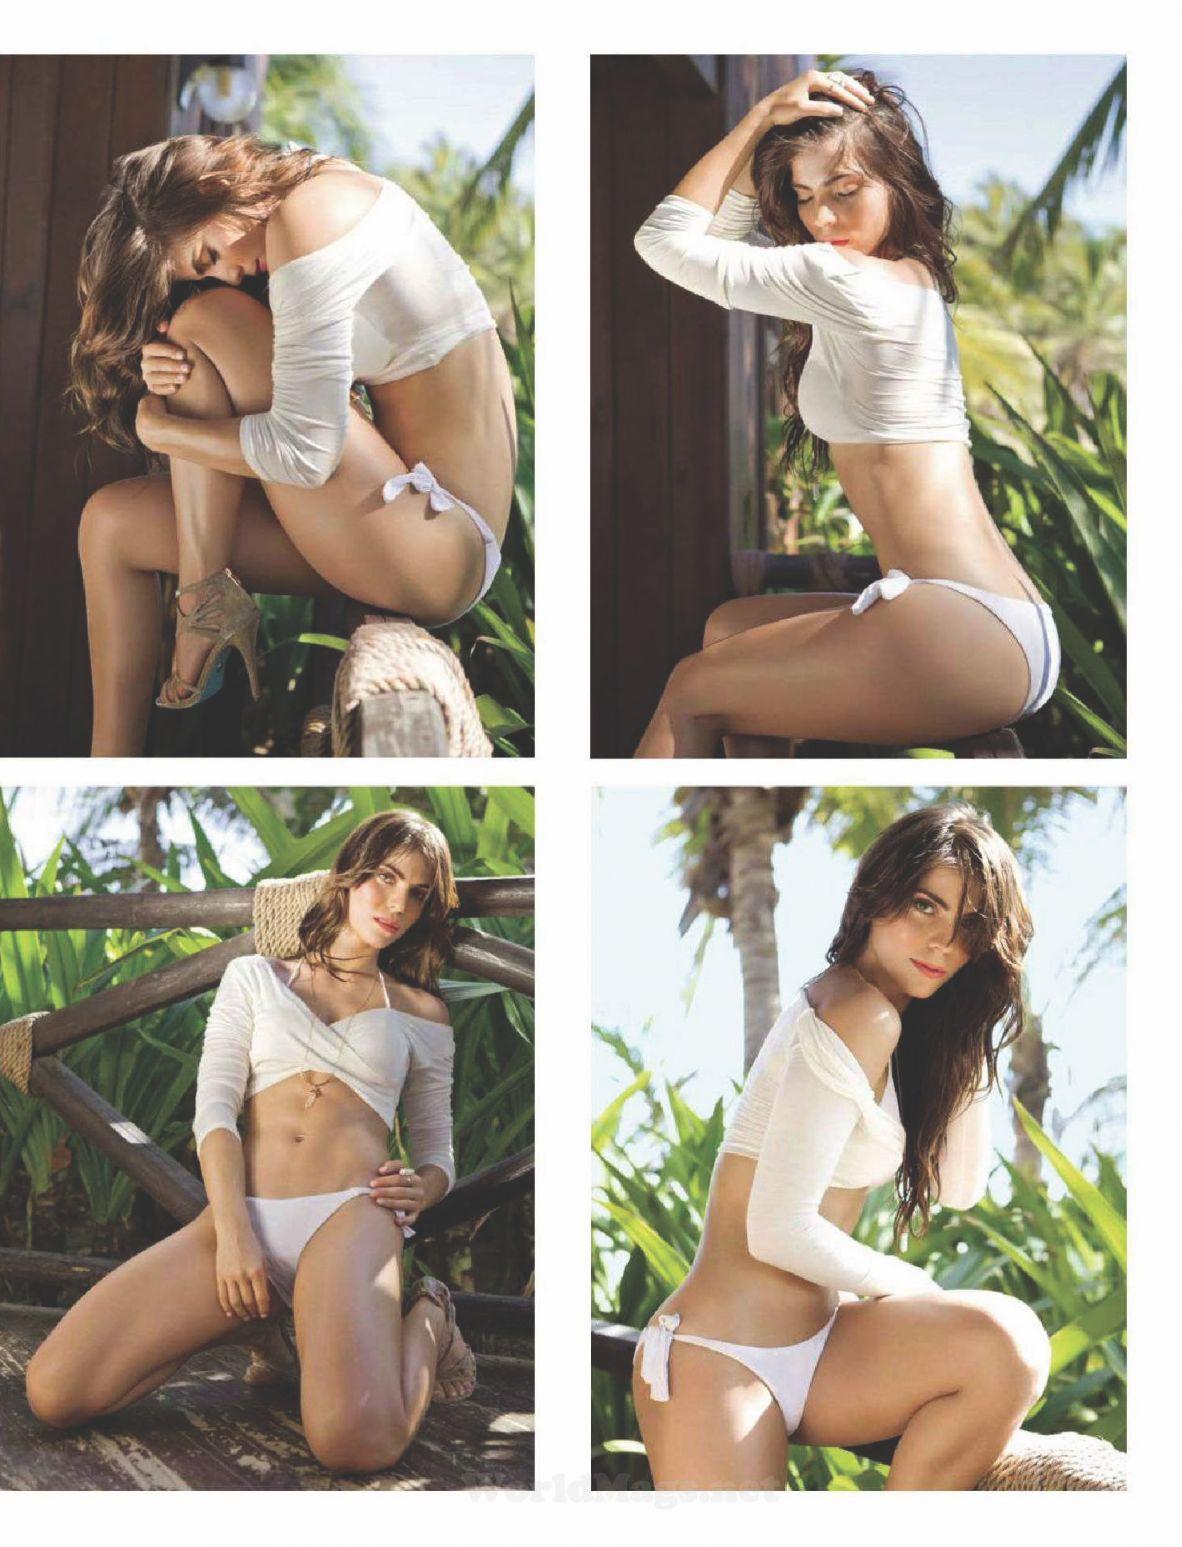 Valeria, la chica trans de Gran Hermano, posó desnuda